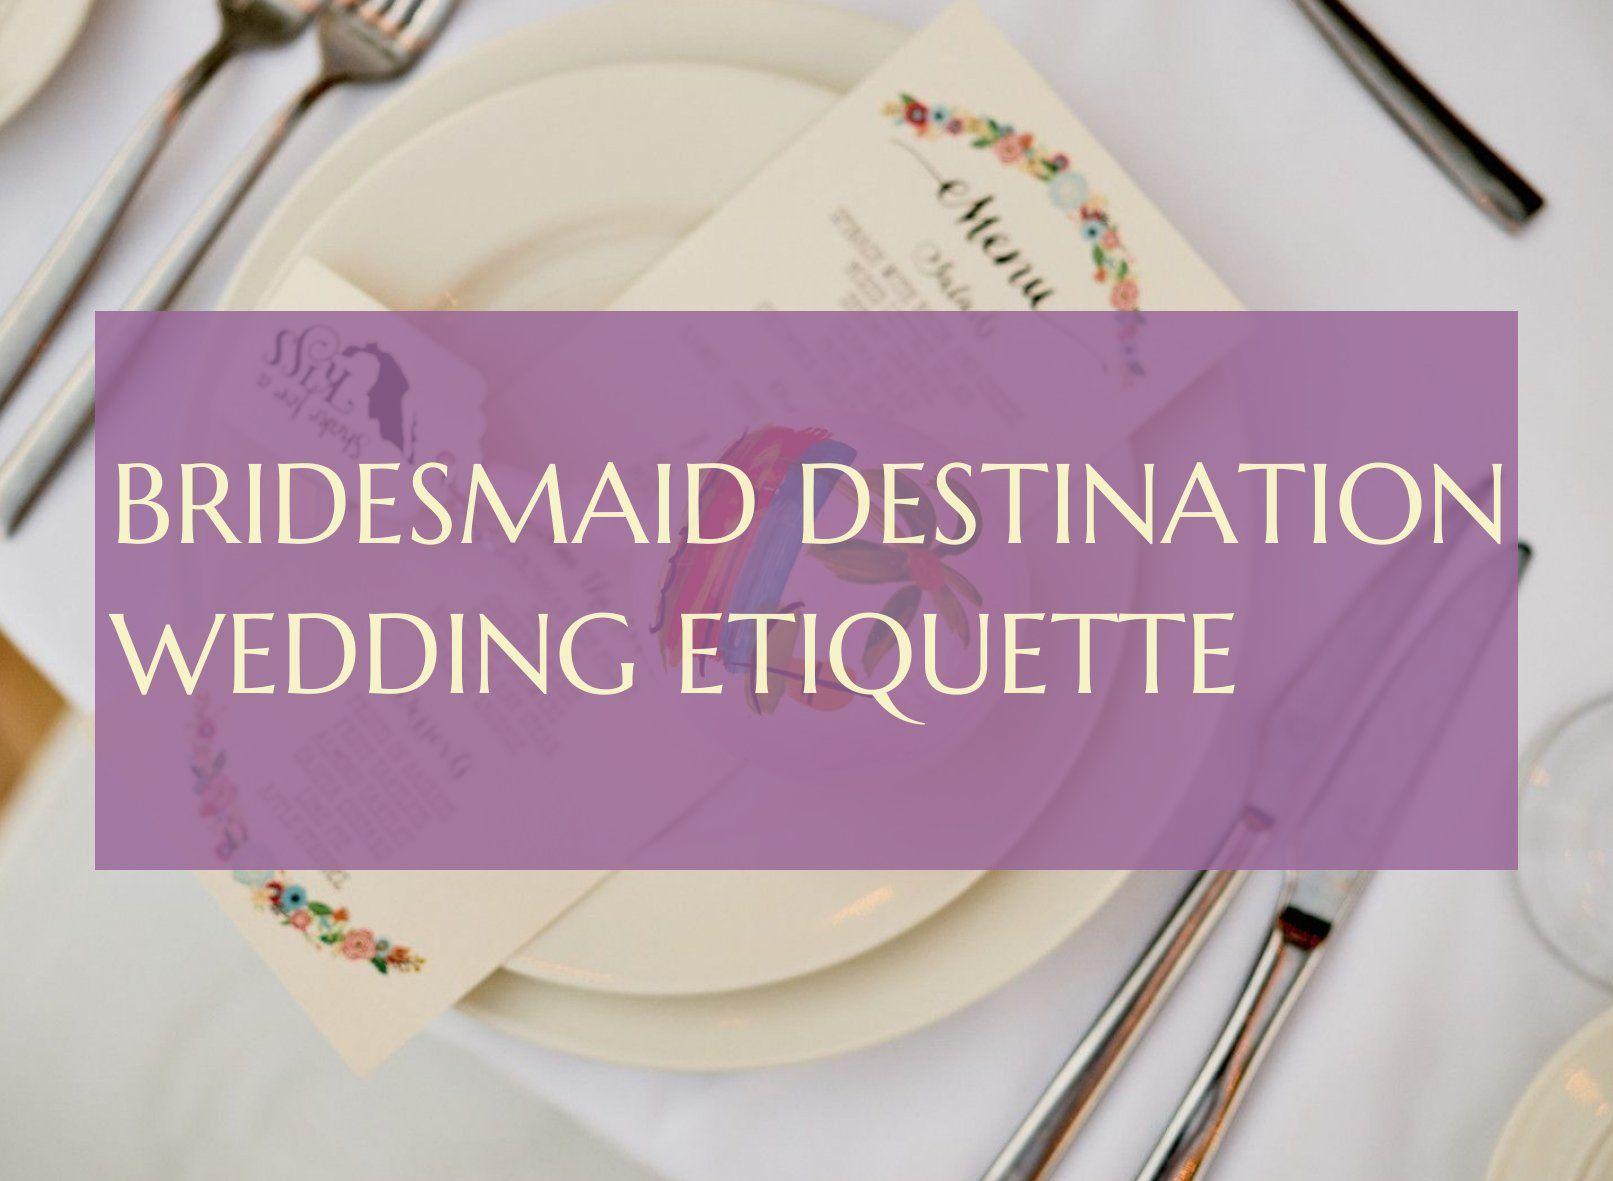 Bridesmaid Destination Wedding Etiquette Brautjungfer Hochzeit Etikette